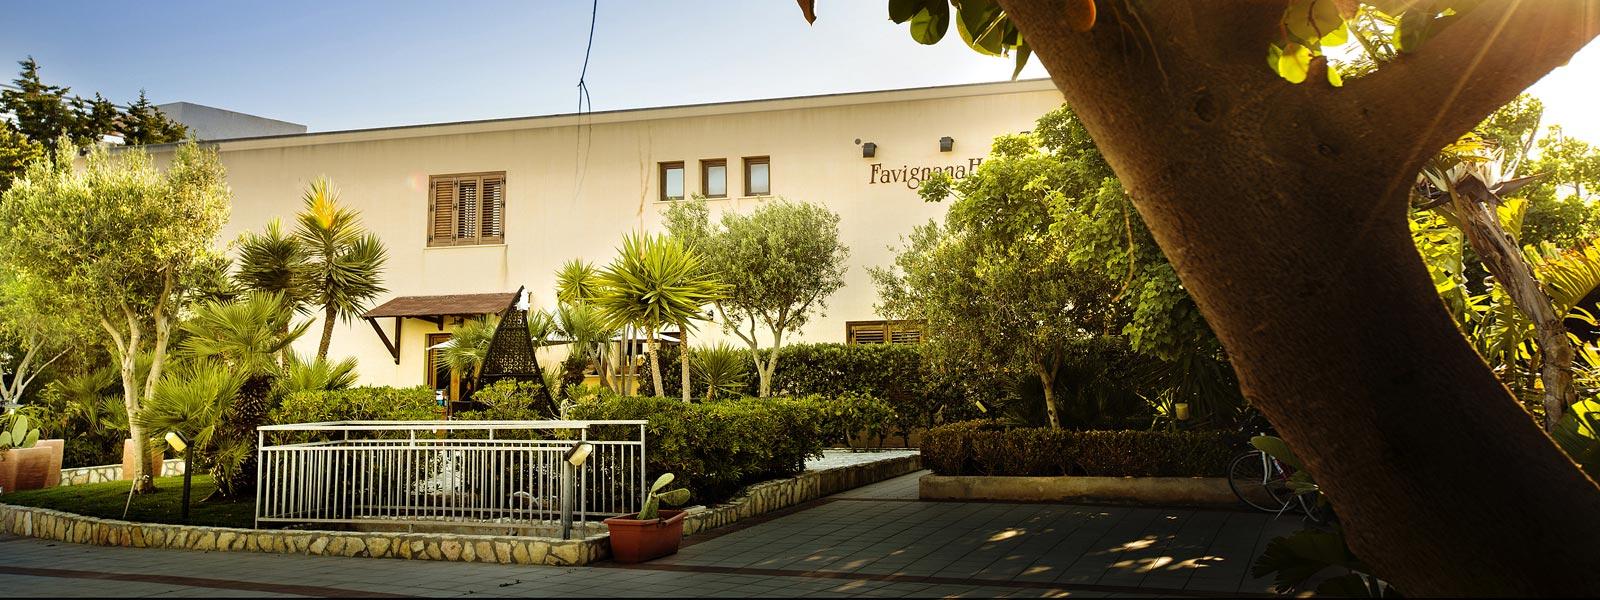 Favignana_Hotel_Isole-Egadi-1666